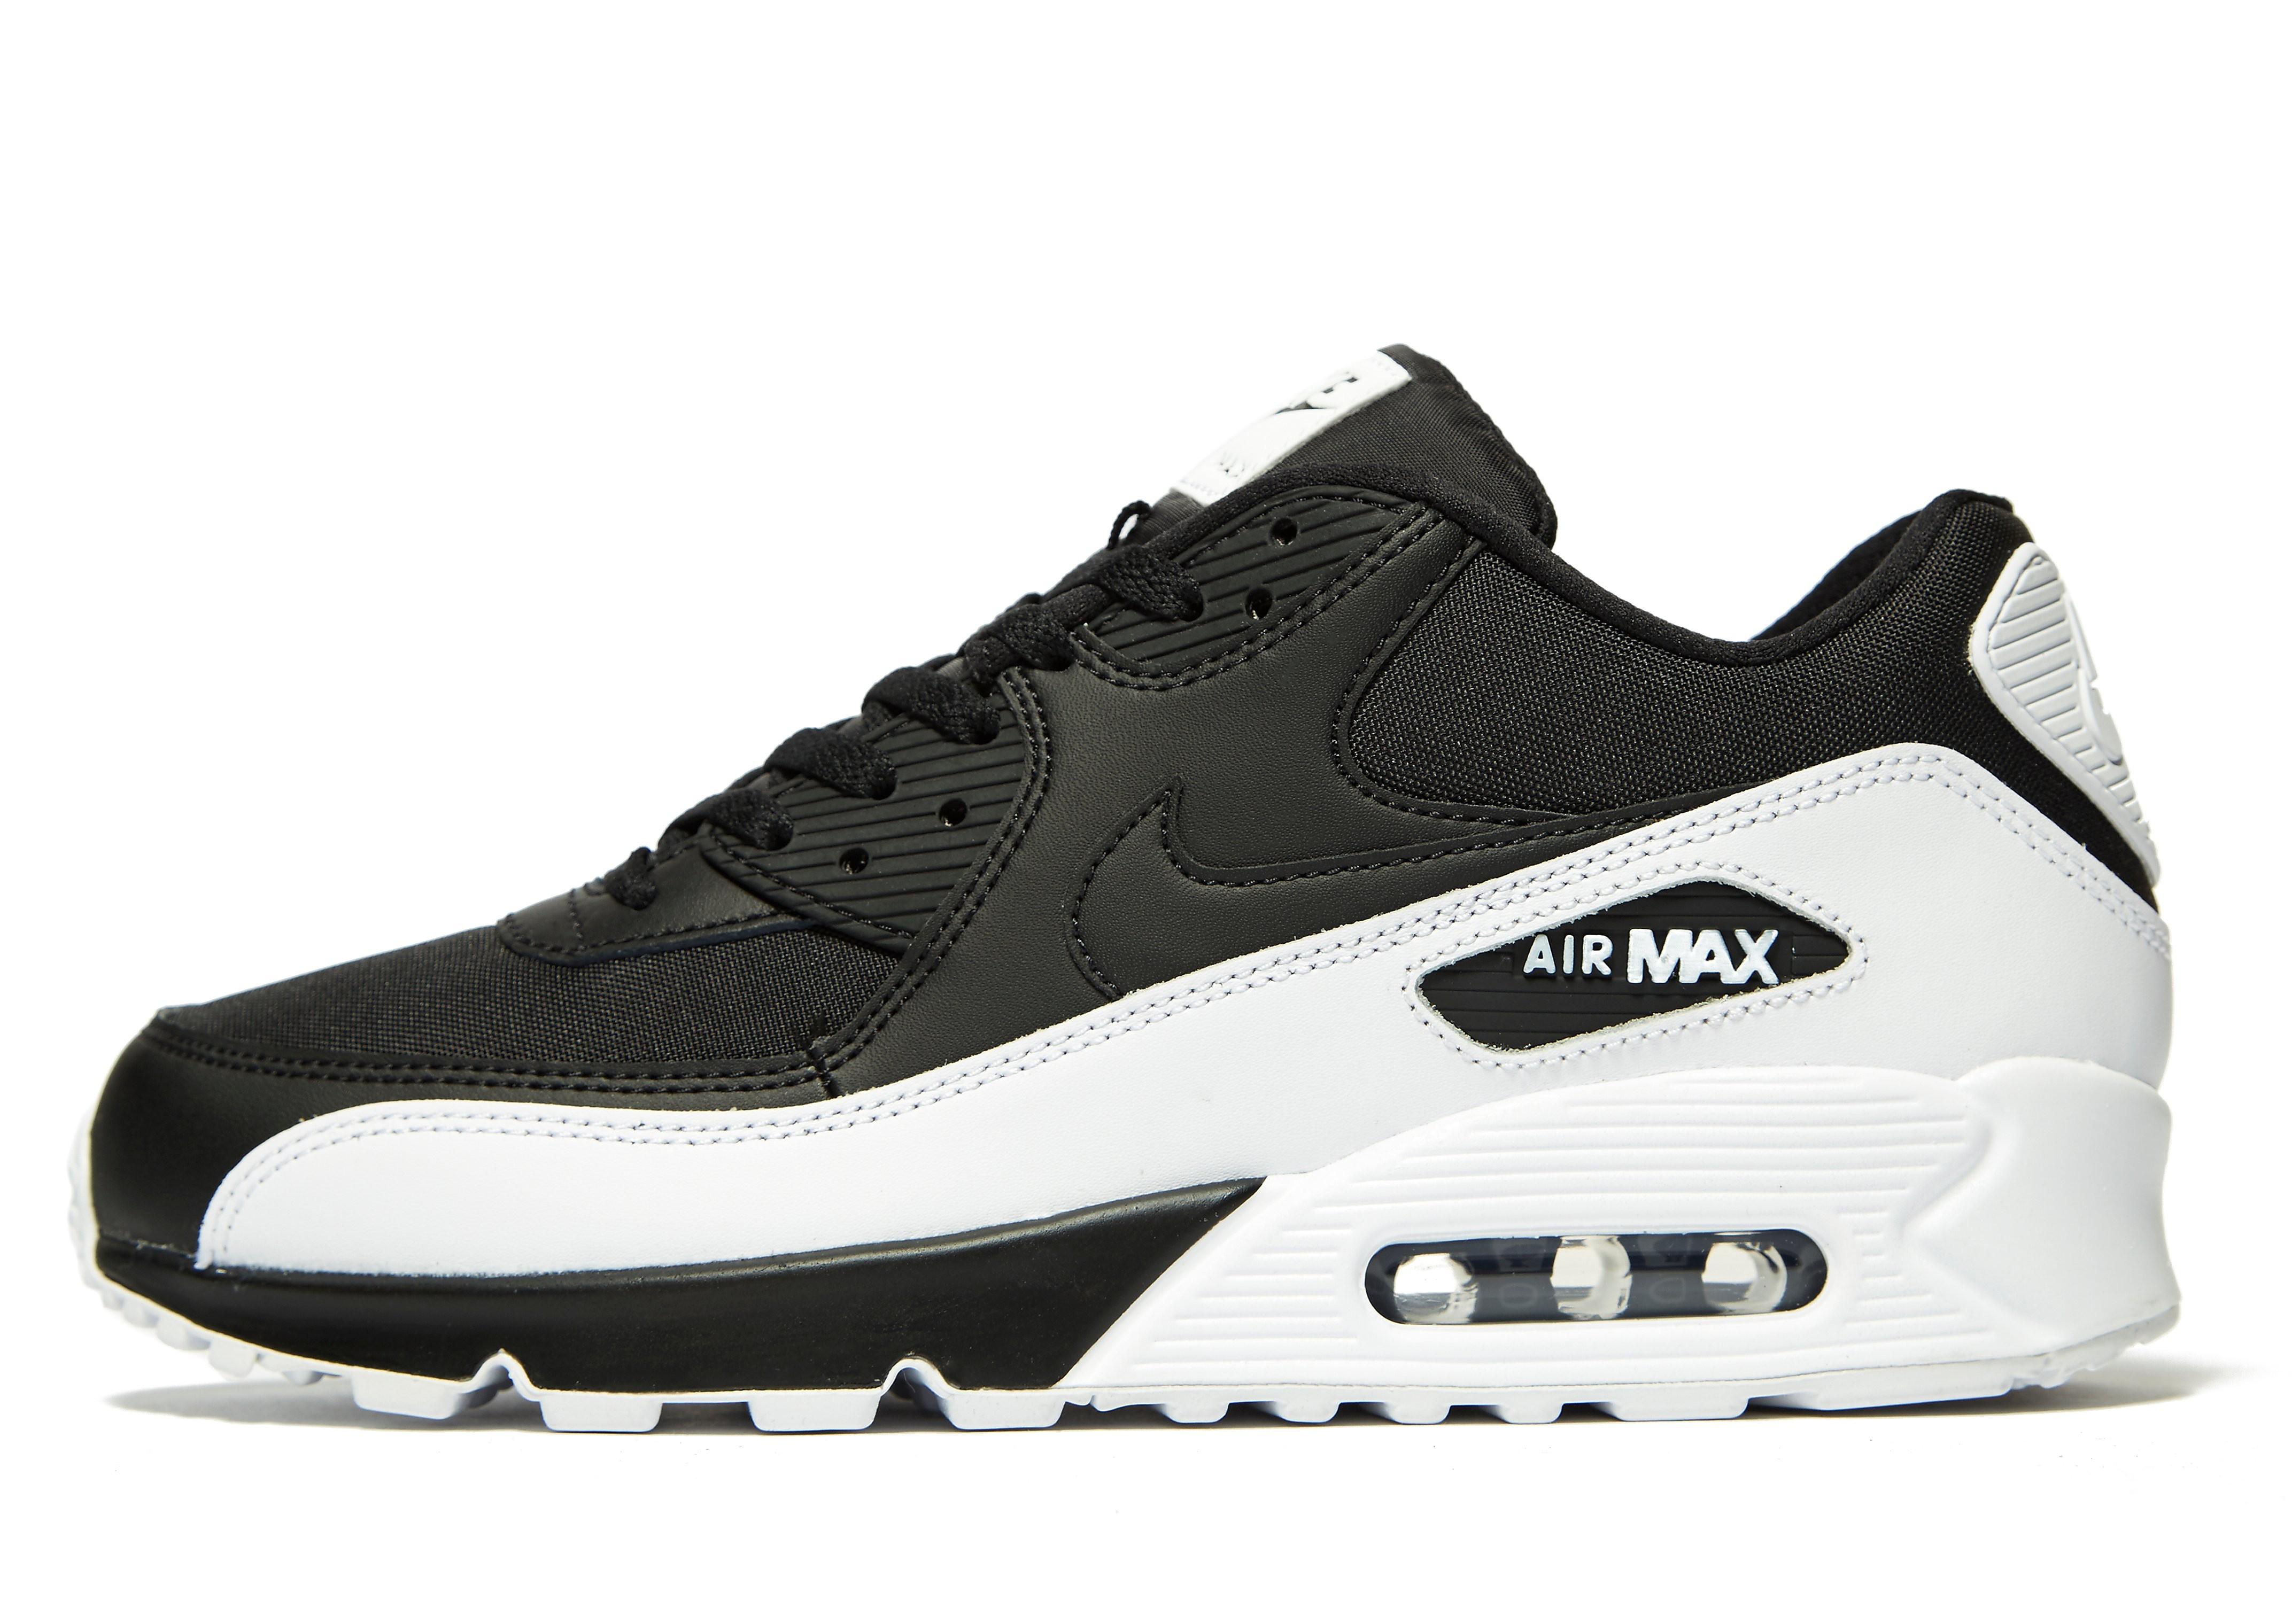 Nike Air Max 90 Schwarz-Weiß